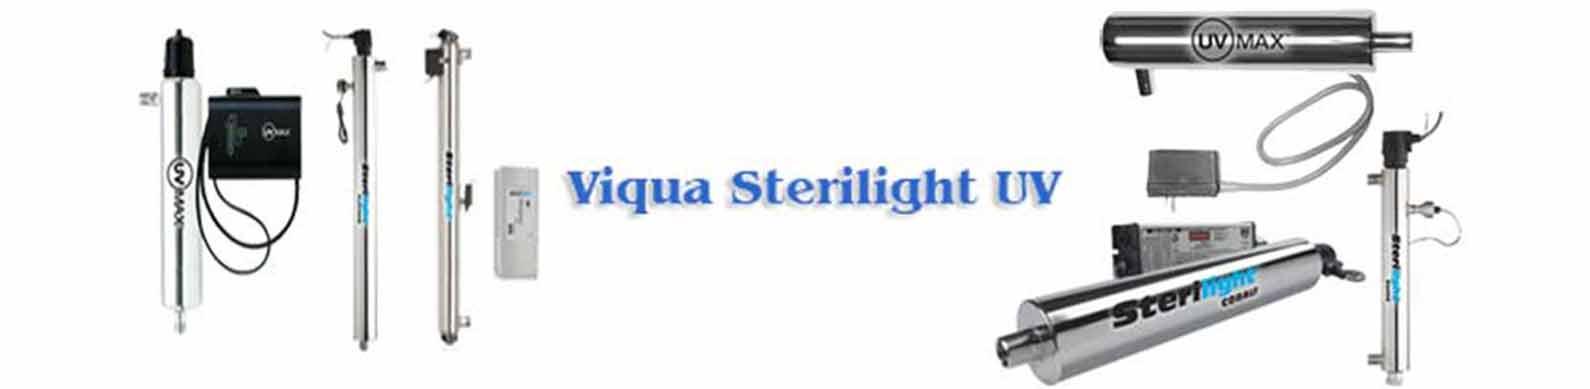 viqua-sterilight-ultraviolet.jpg